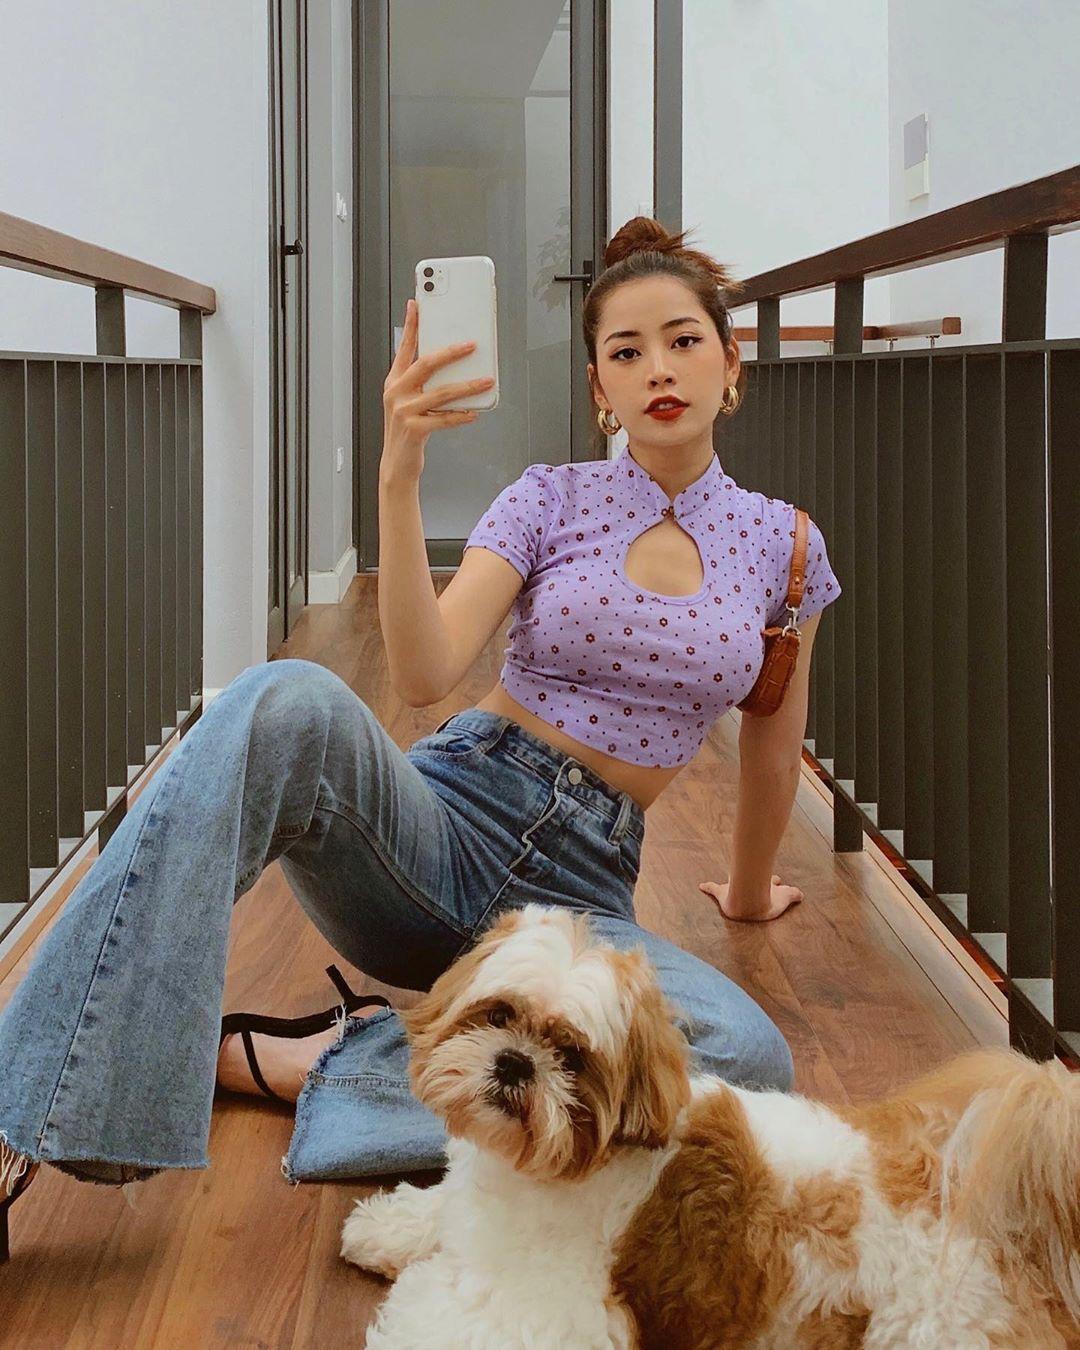 """Nhìn Jisoo vừa xinh xẻo lại vừa sexy tột bậc cùng kiểu áo này, hẳn chị em nào cũng muốn """"đu"""" theo tức thì - Ảnh 5."""